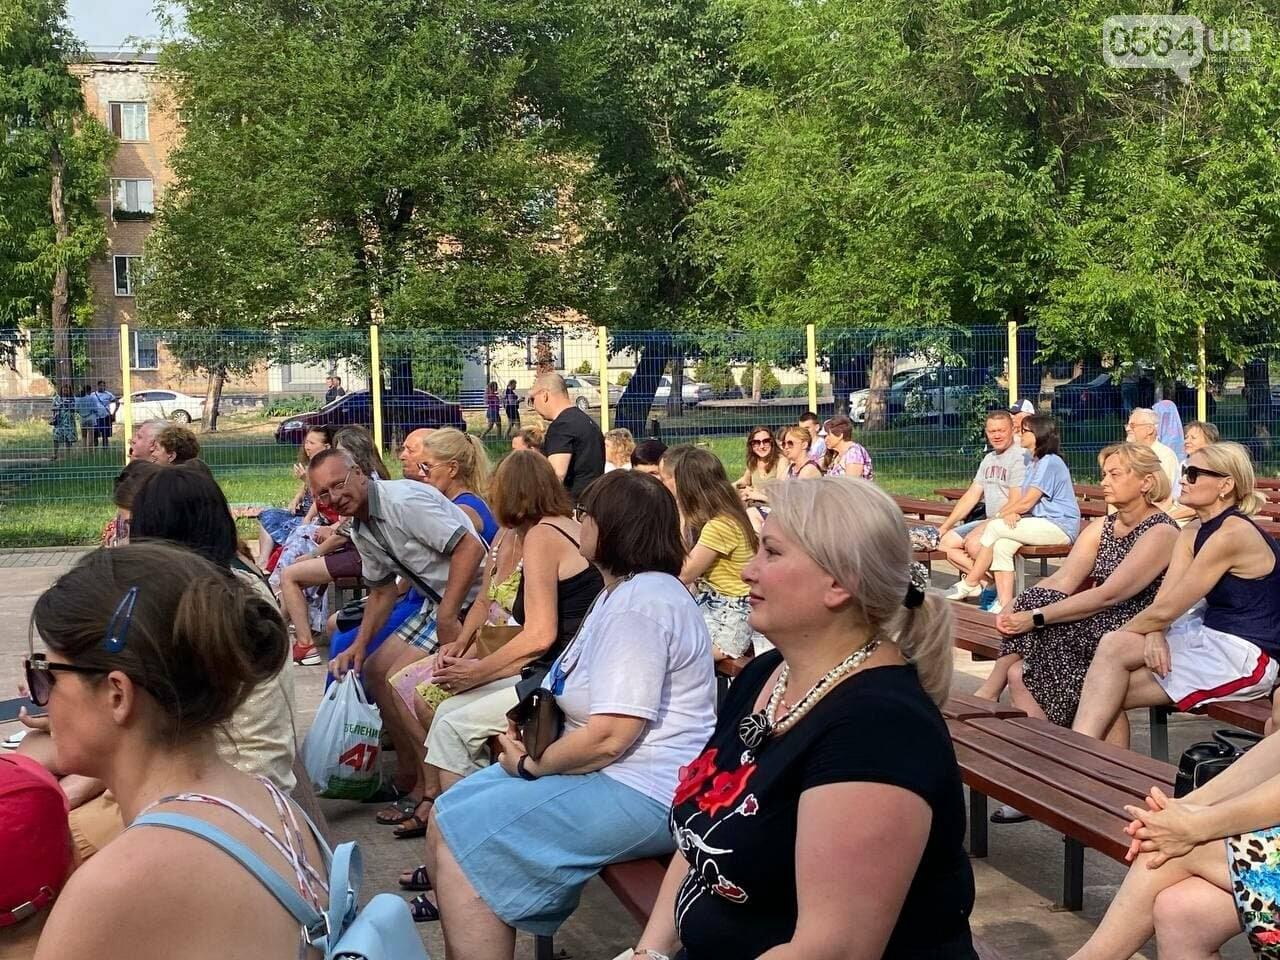 Криворожане наслаждались в парке классикой неаполитанской песни, - ФОТО, ВИДЕО , фото-2